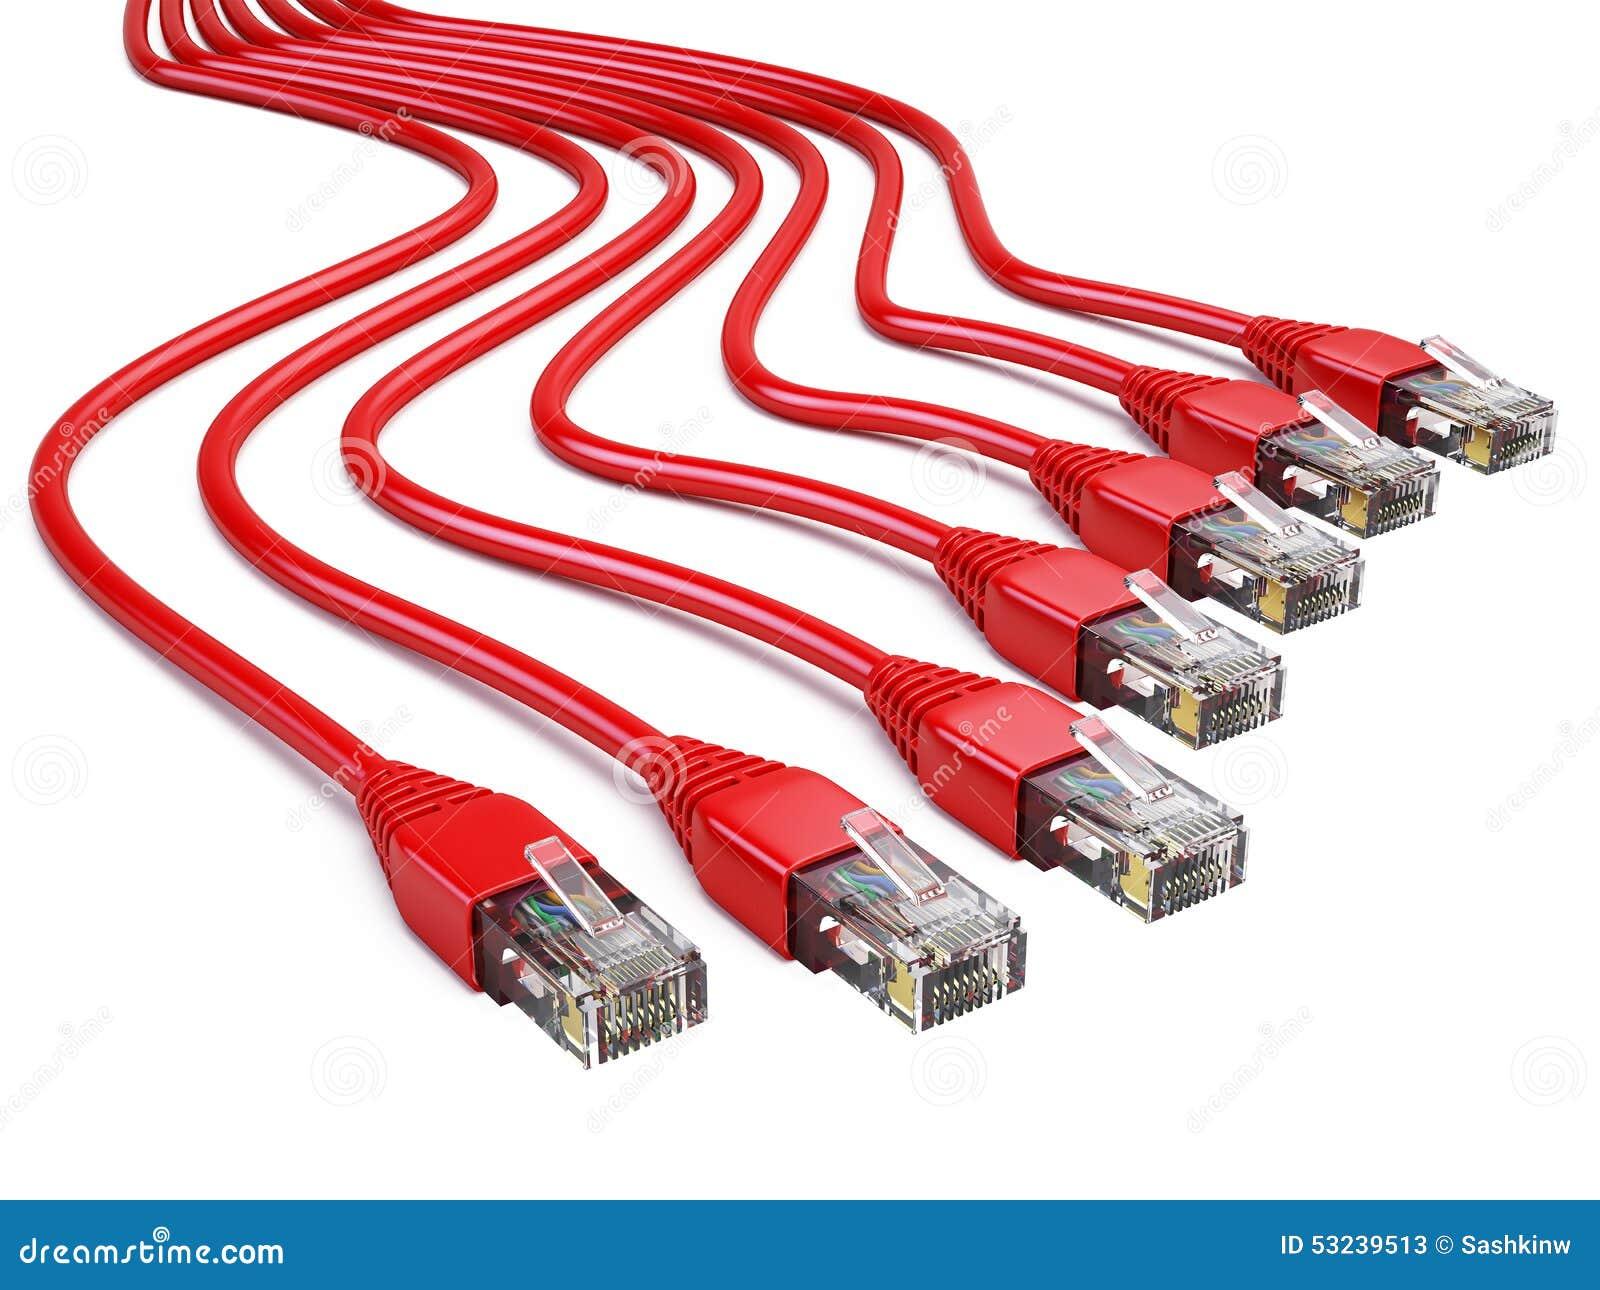 Wunderbar Rotes Kabel Zeitgenössisch - Die Besten Elektrischen ...